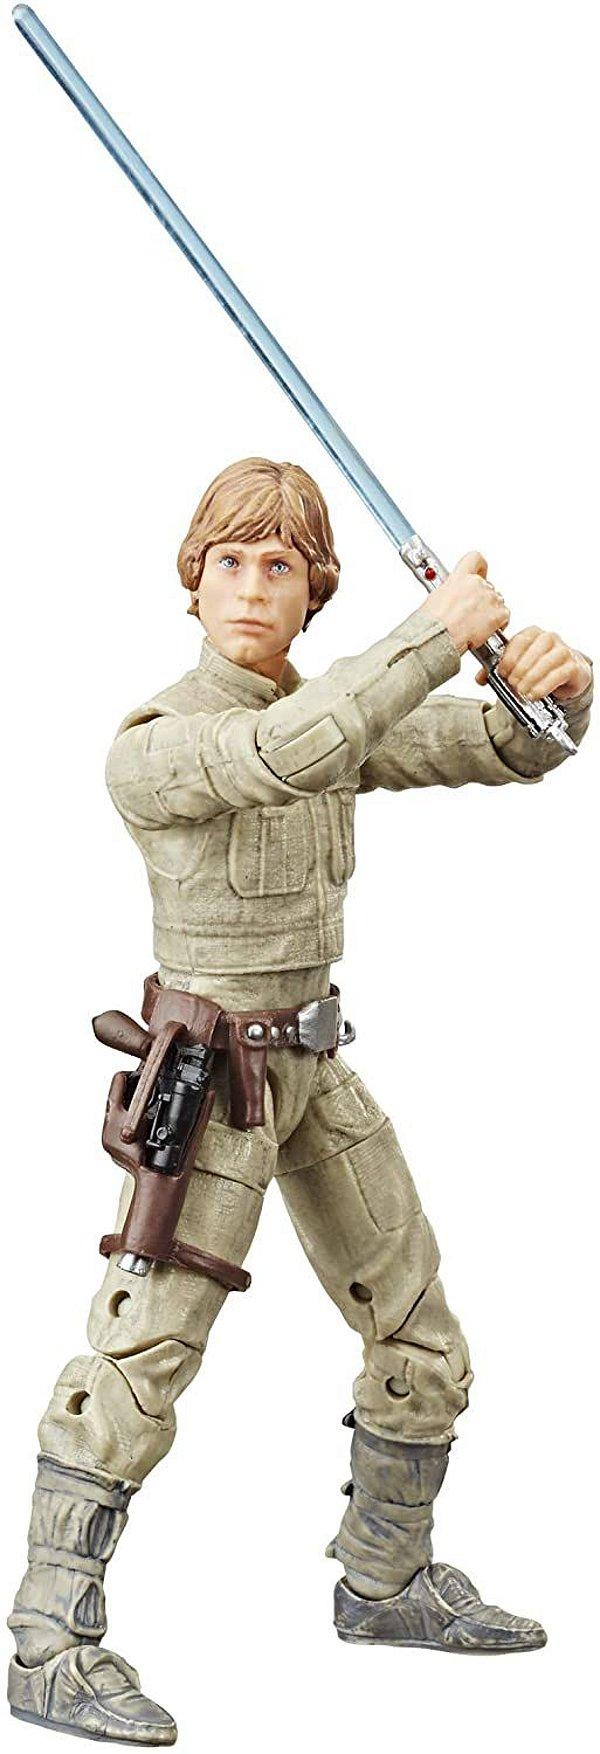 Star Wars The Empire Srike Back: Luke Skywalker (Bespin)